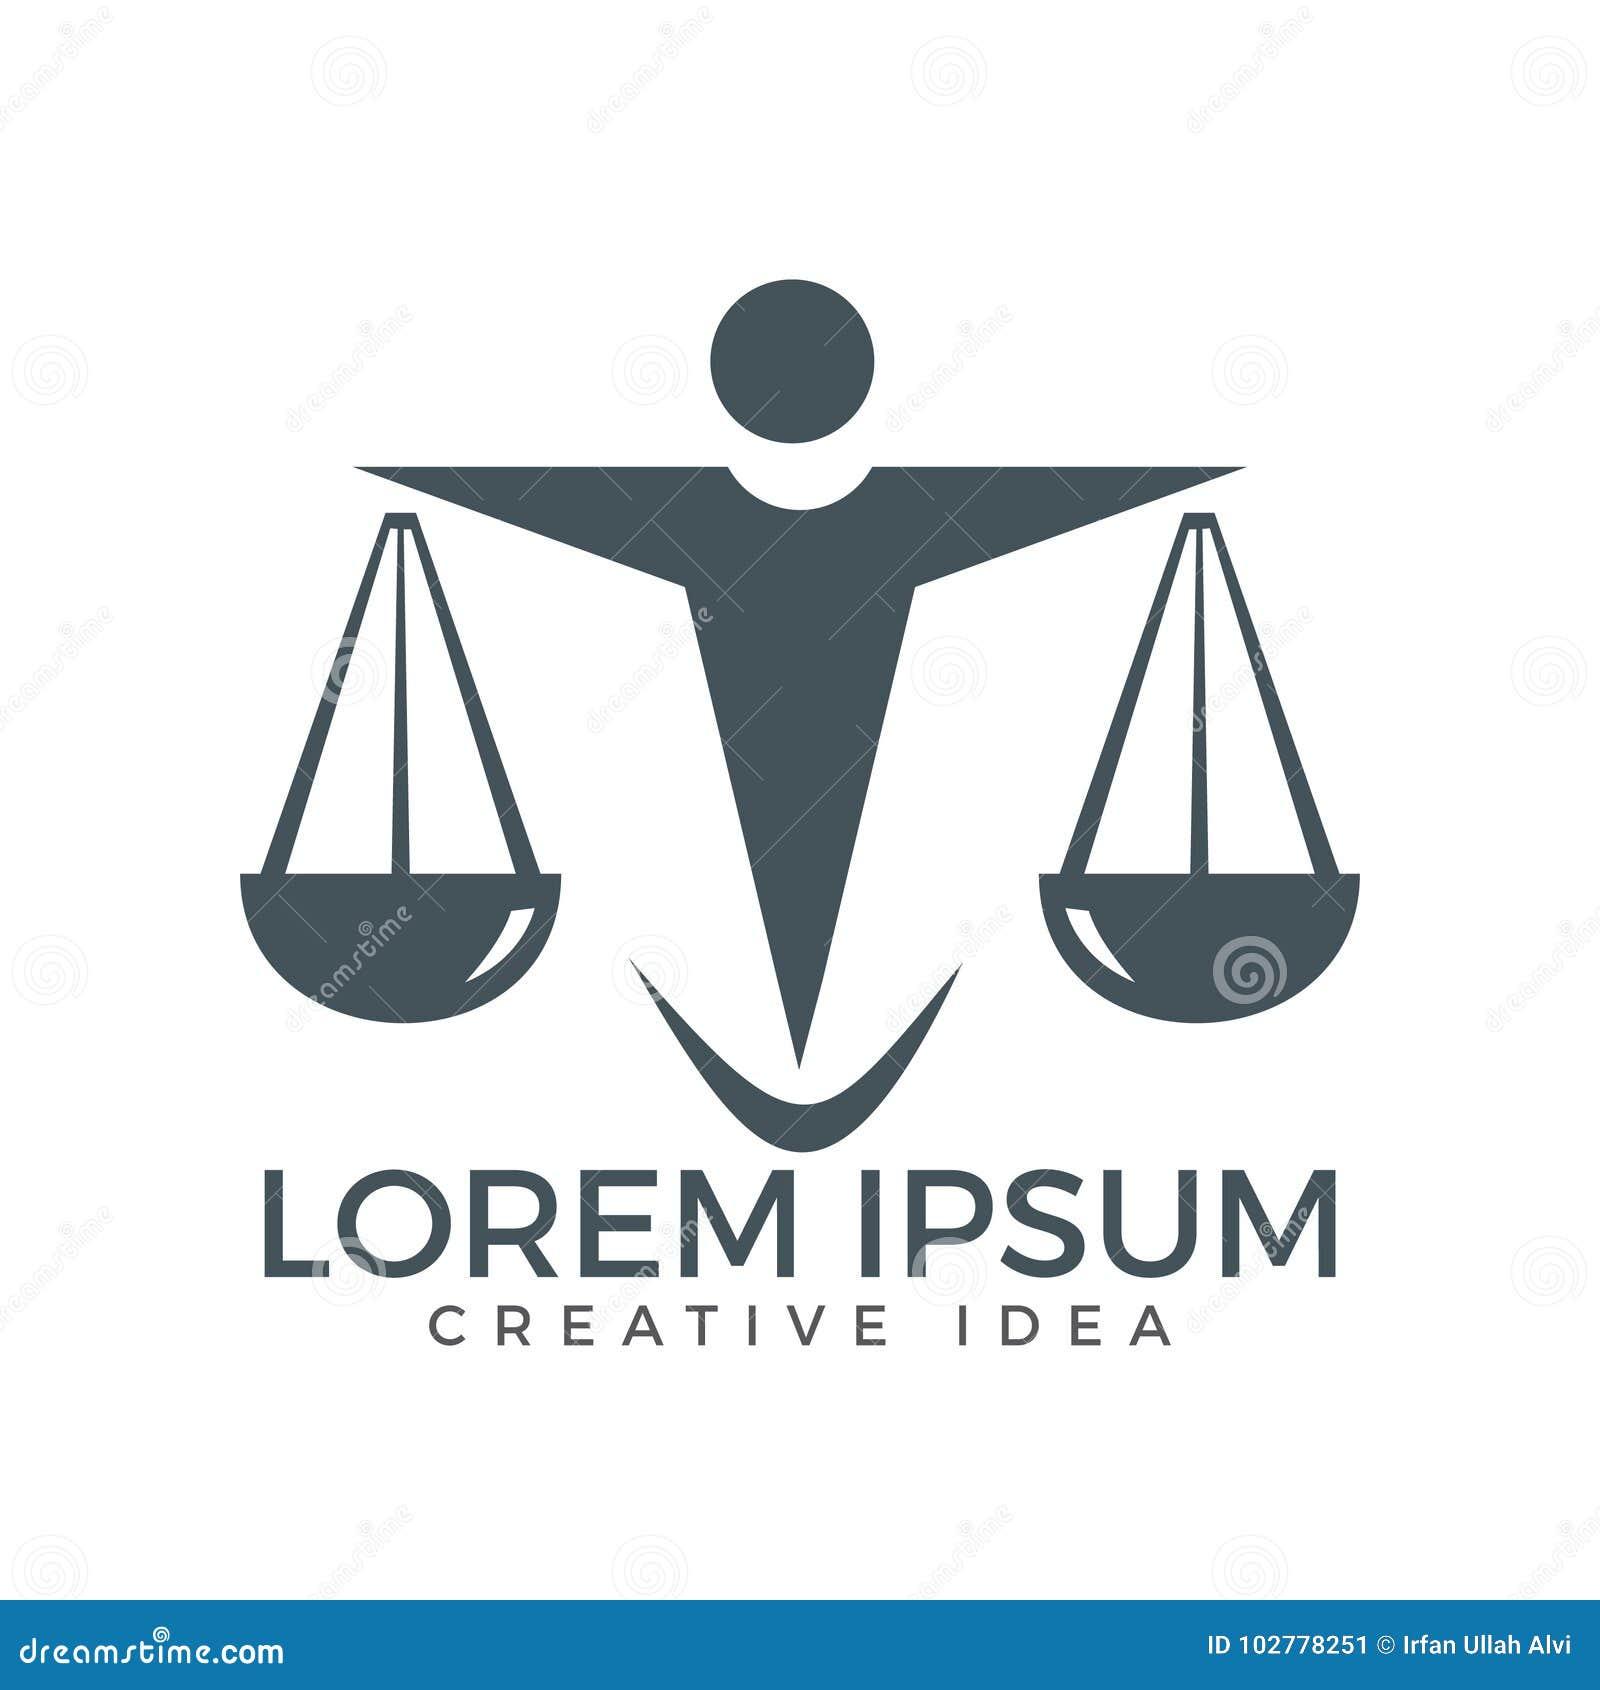 Mann-Holding-Skalen von Gerechtigkeit Logo Gesetz und Rechtsanwalt Logo Design